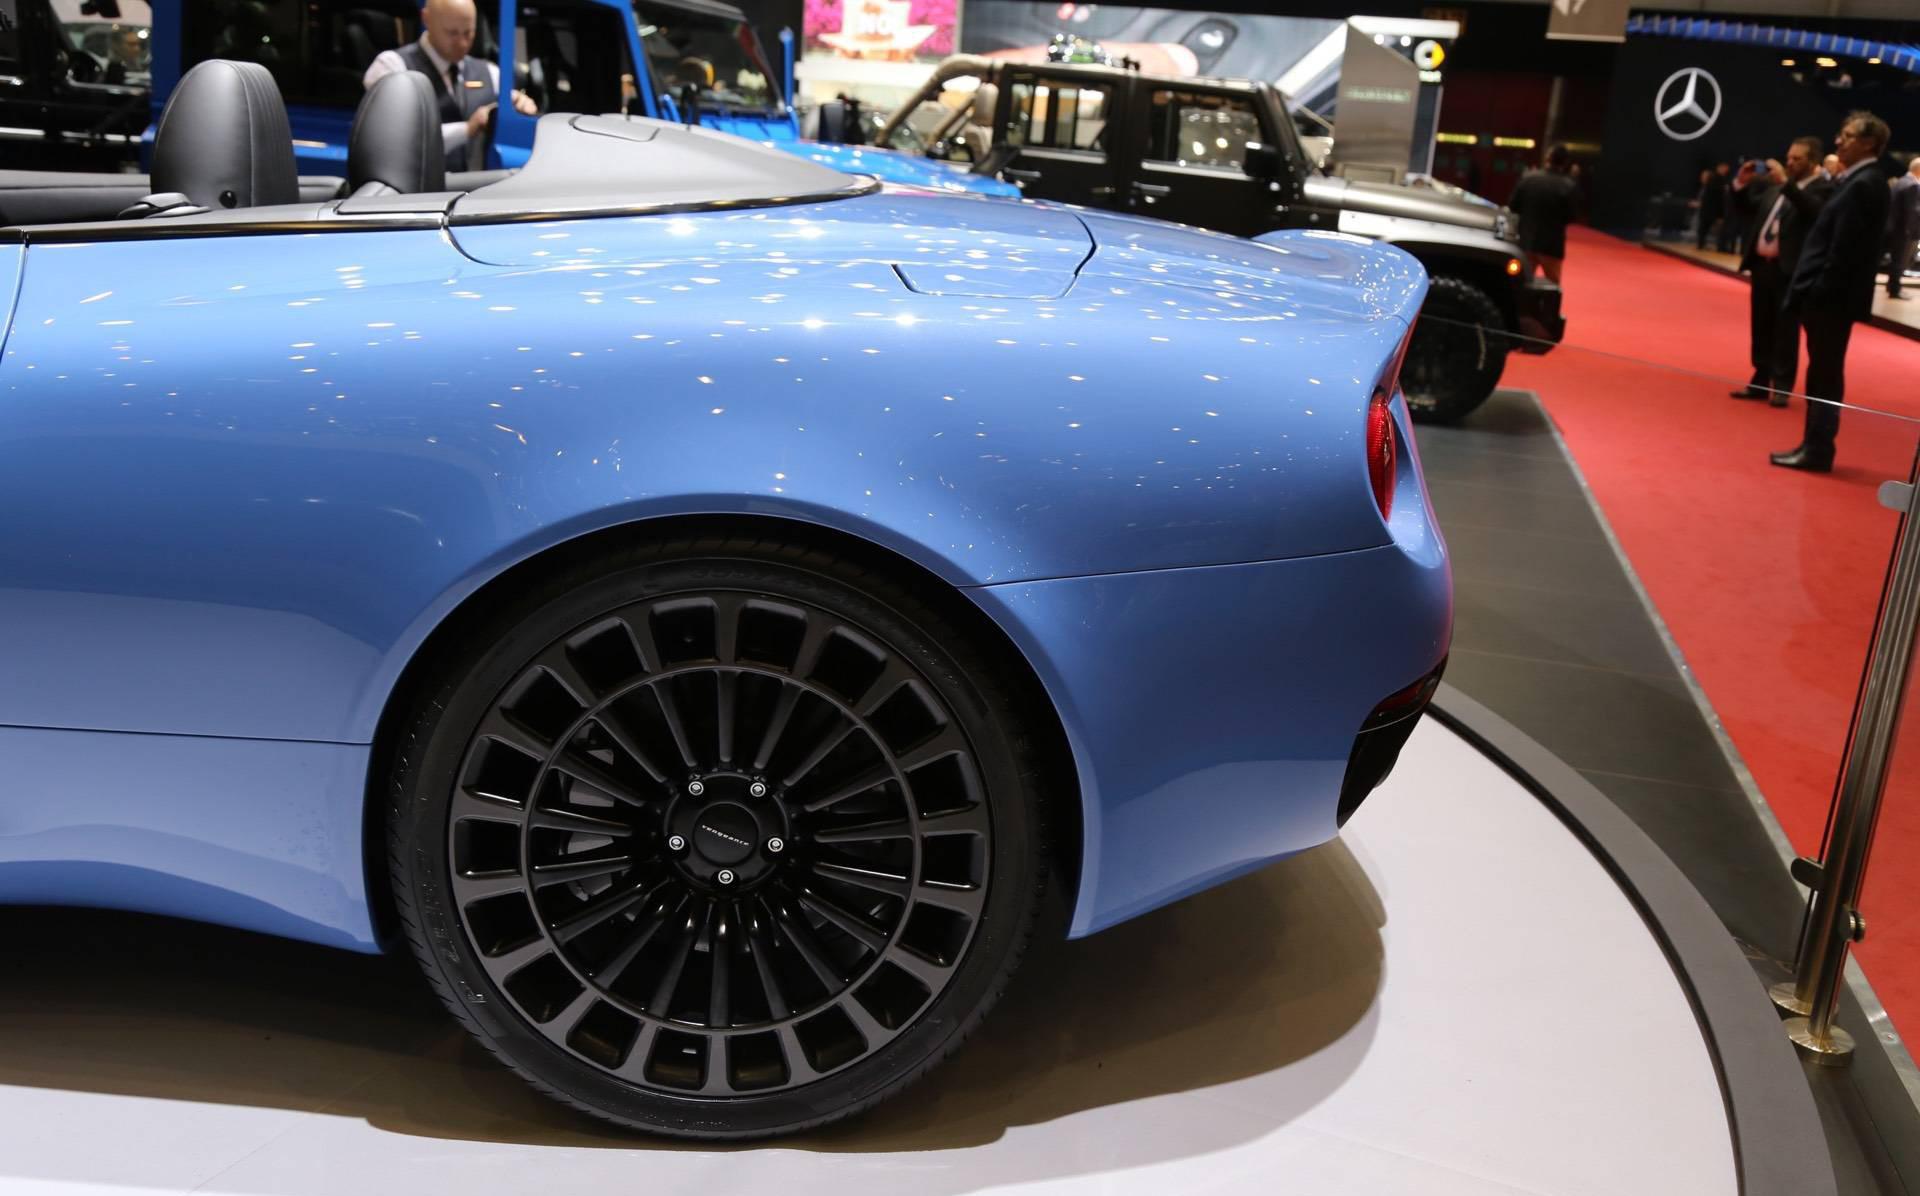 Основатель и генеральный директор компании Афзаль Кан сказал: «Создание версии кабриолет Vengeance создало некоторые проблемы, учитывая уникальный характер построенного автомобиля, но мы преодолели их по-британски.